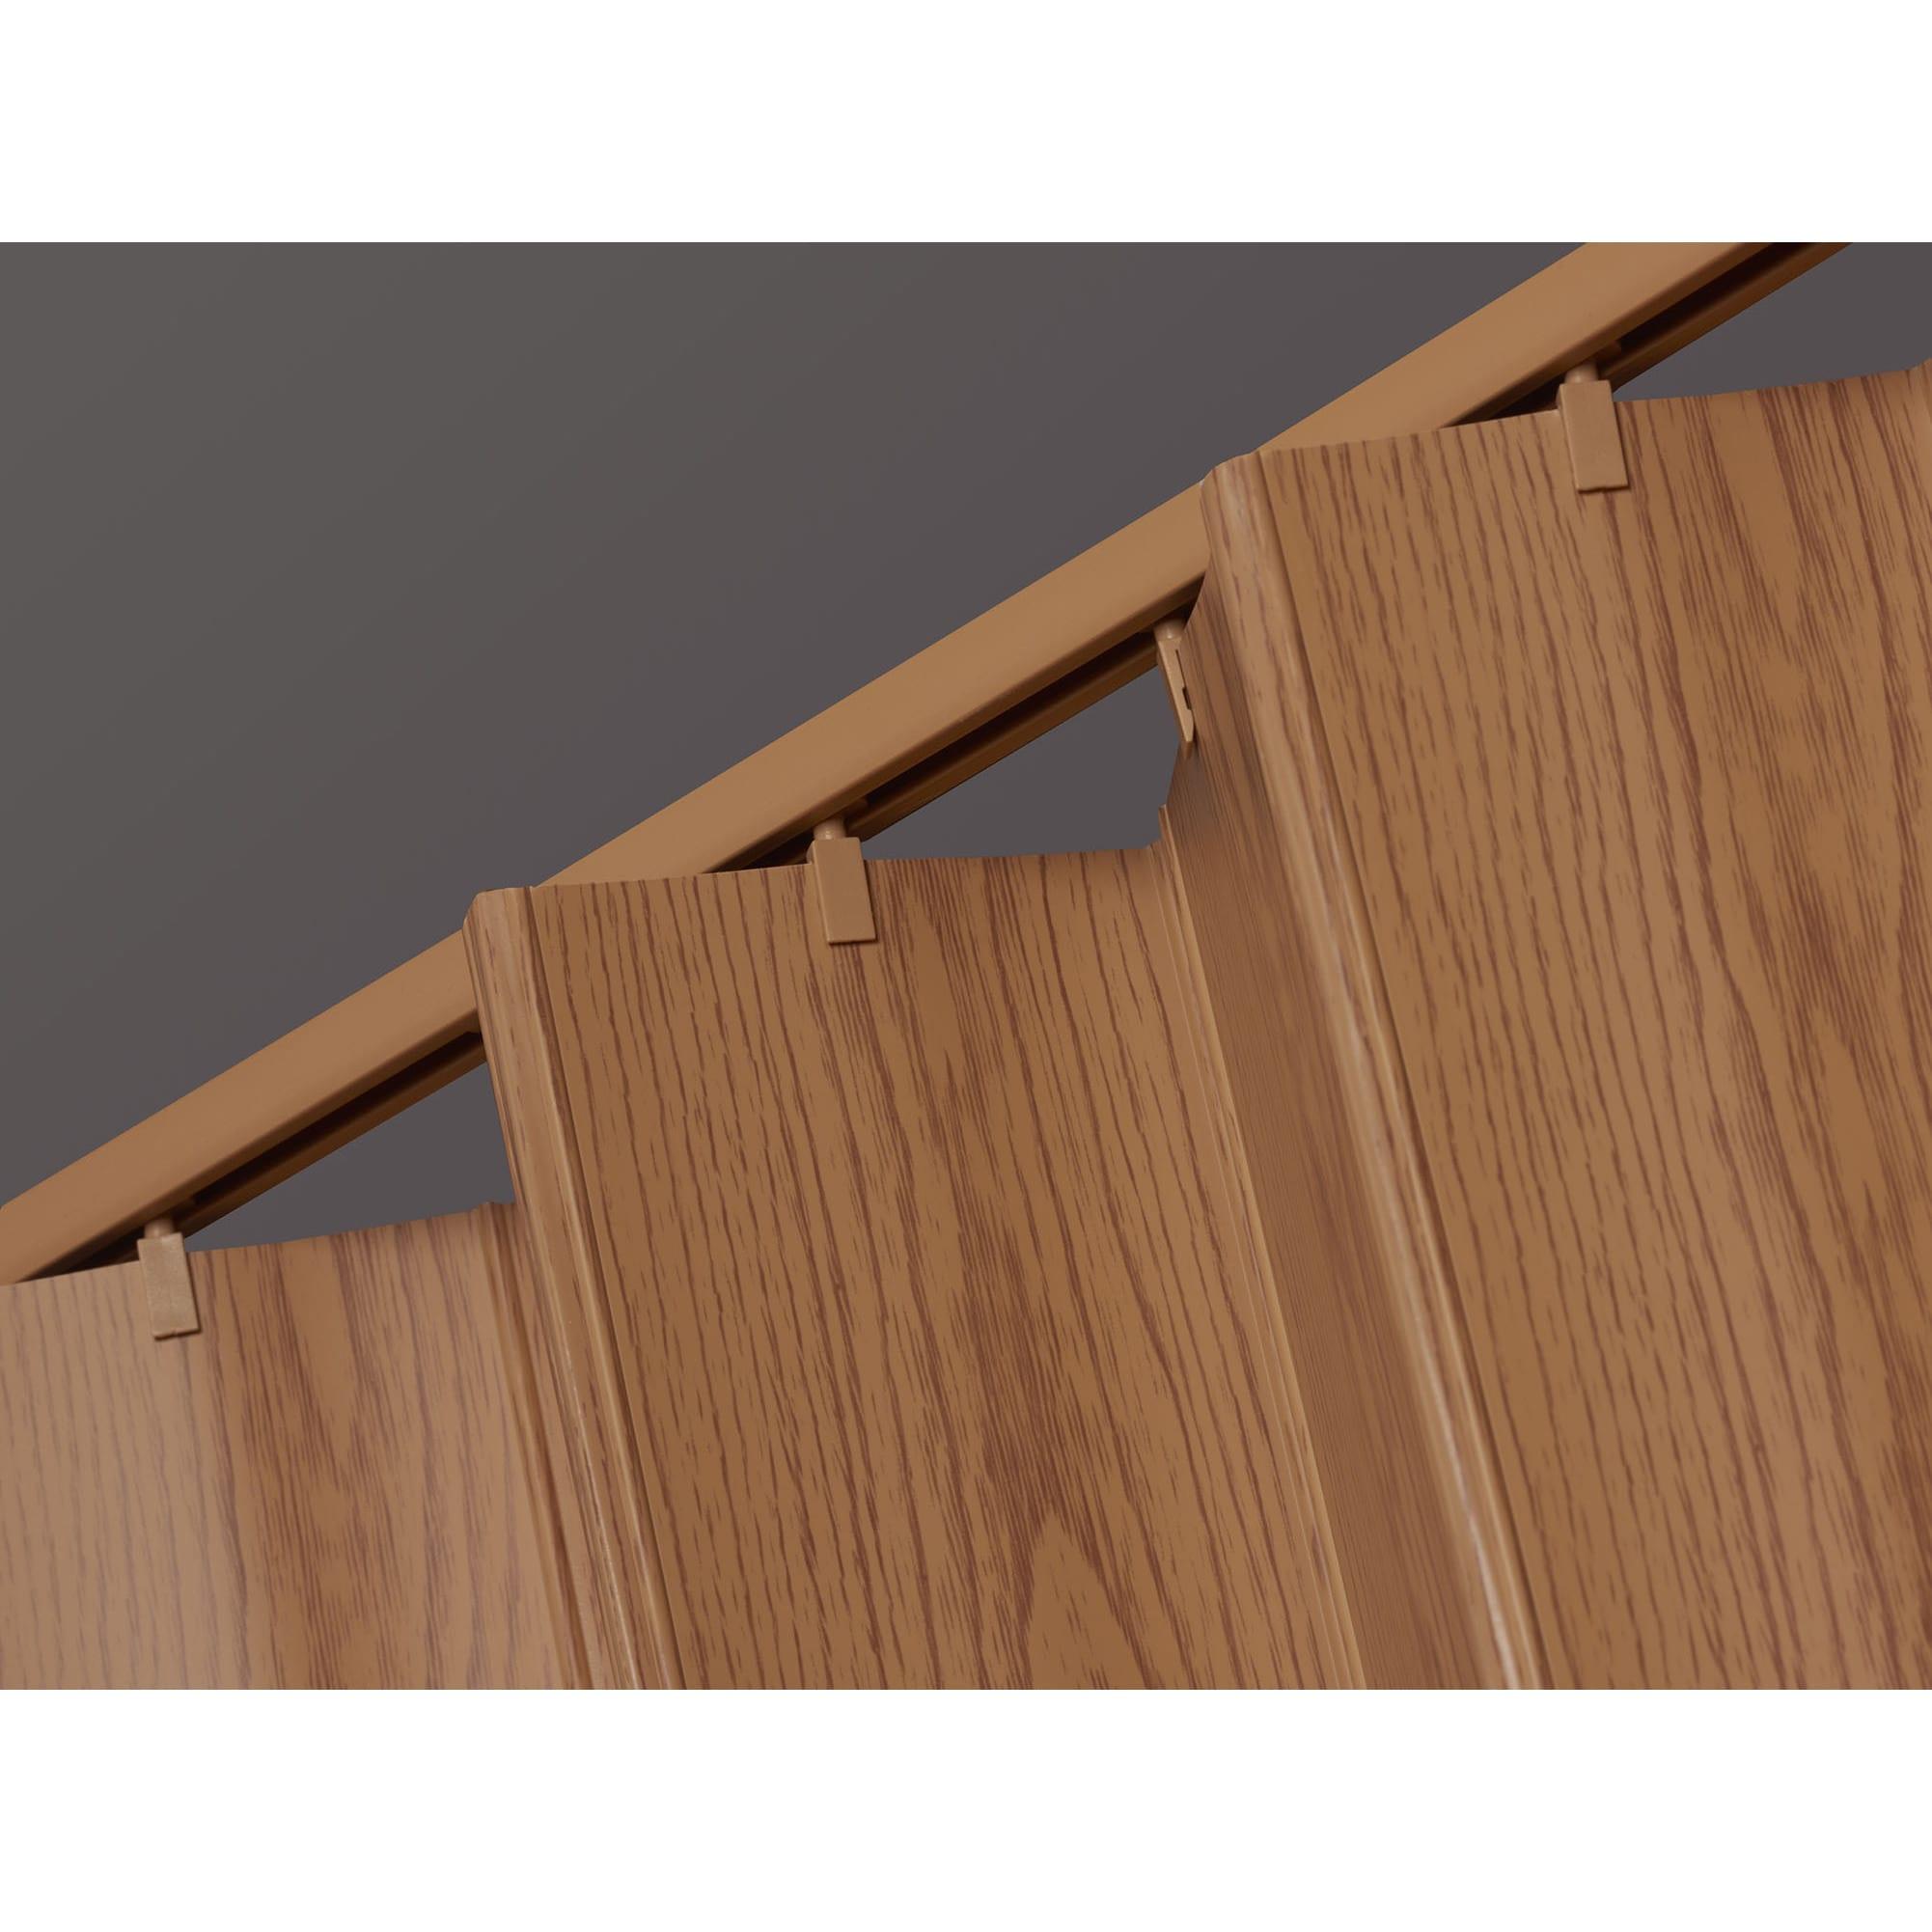 Cool 36 X 80 Folding Door Gallery - Exterior ideas 3D - gaml.us ...